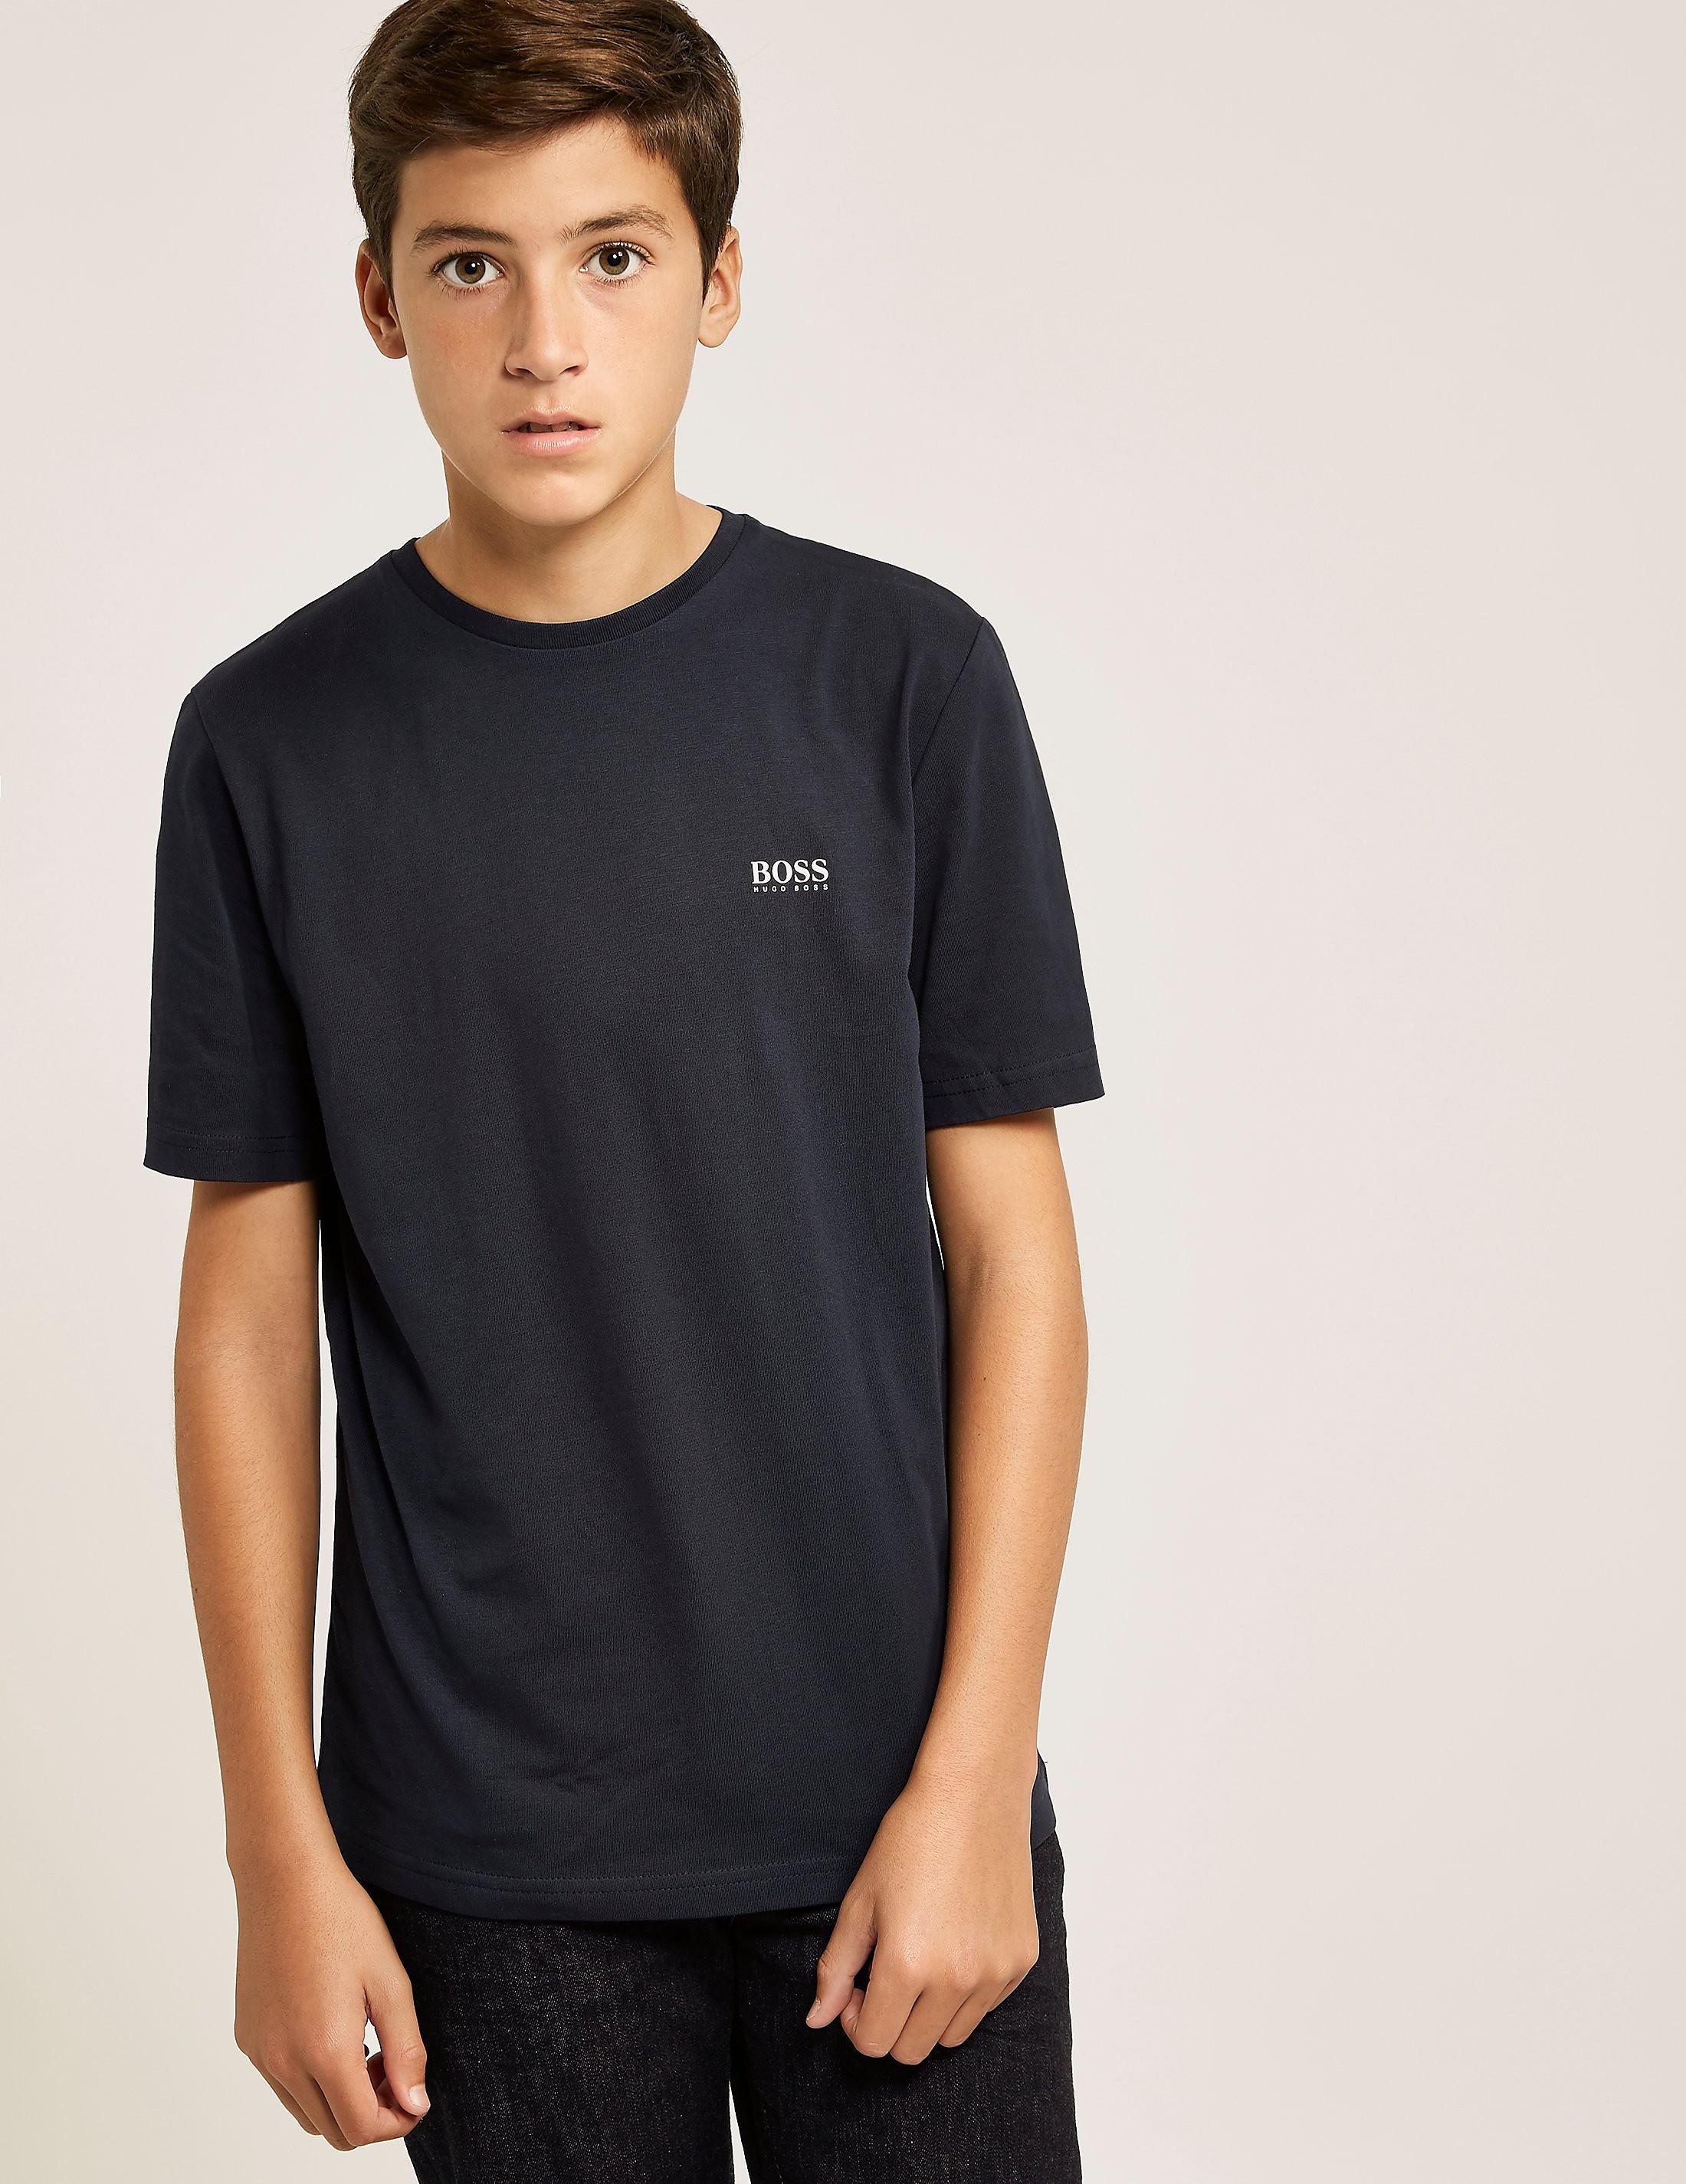 BOSS Crew T-Shirt